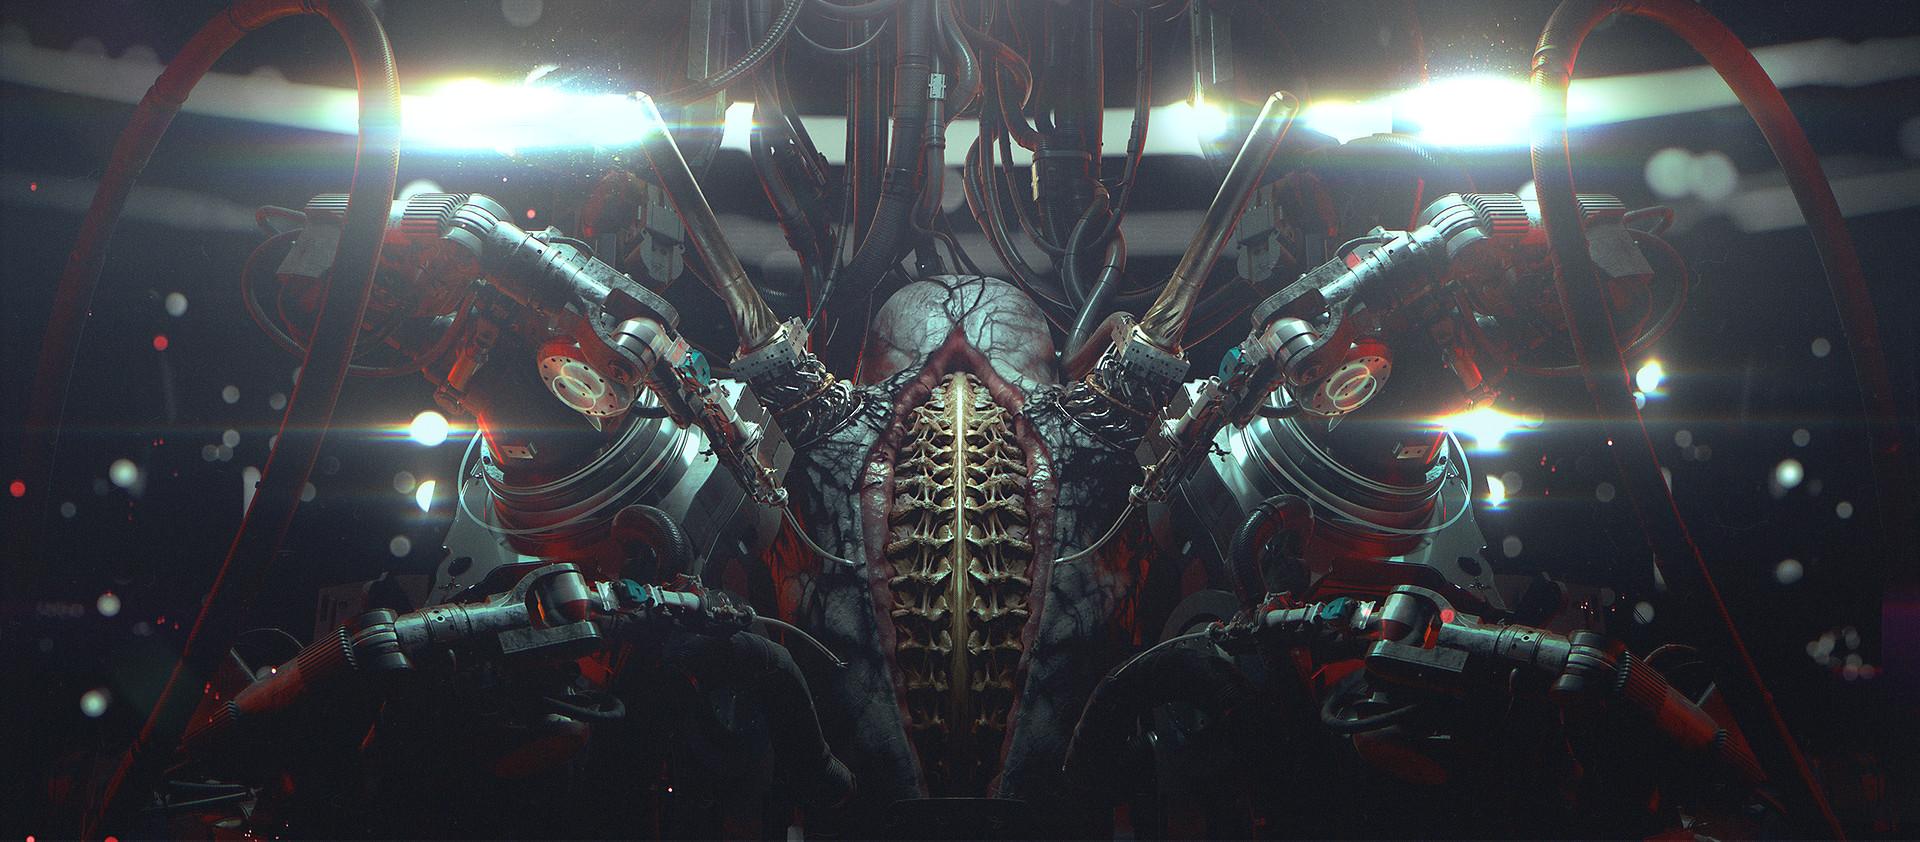 the-digital-art-of-serge-aleynikov